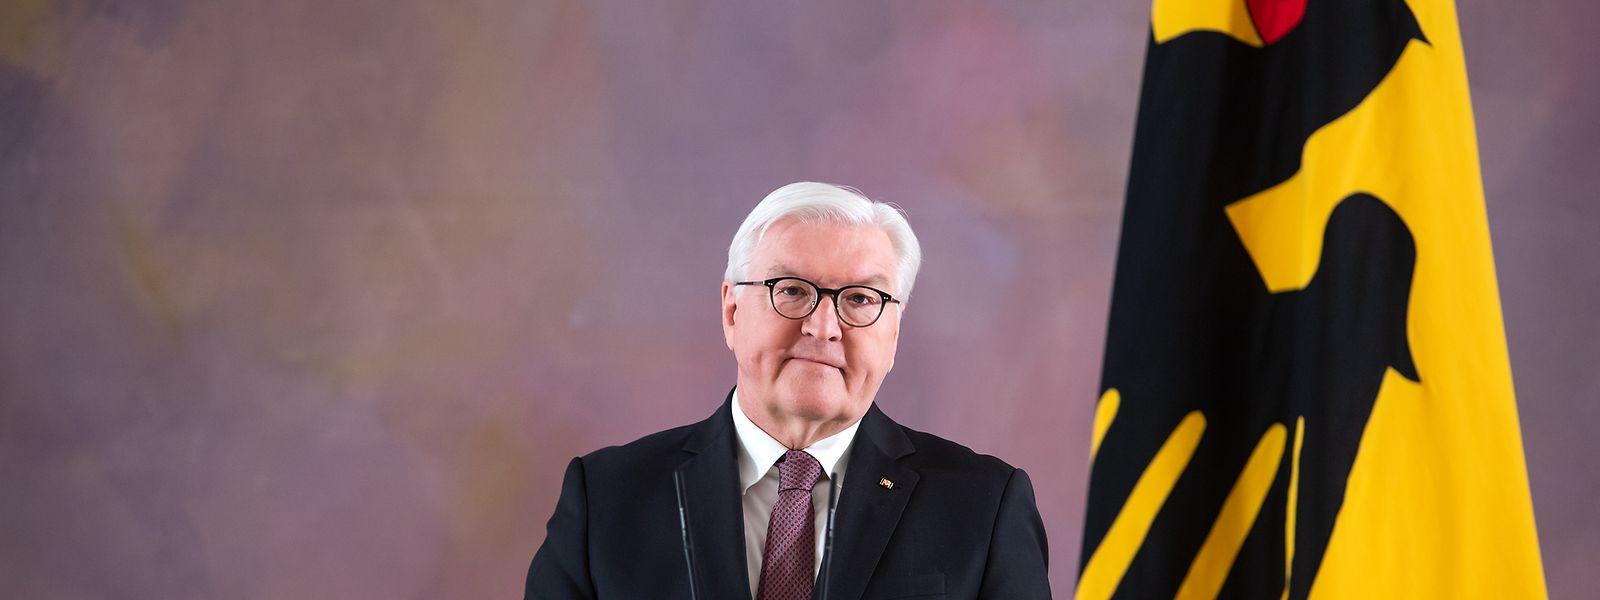 Bundespräsident Frank-Walter Steinmeier hat im Schloss Bellevue erklärt, dass er für eine zweiten Amtszeit bereit steht.